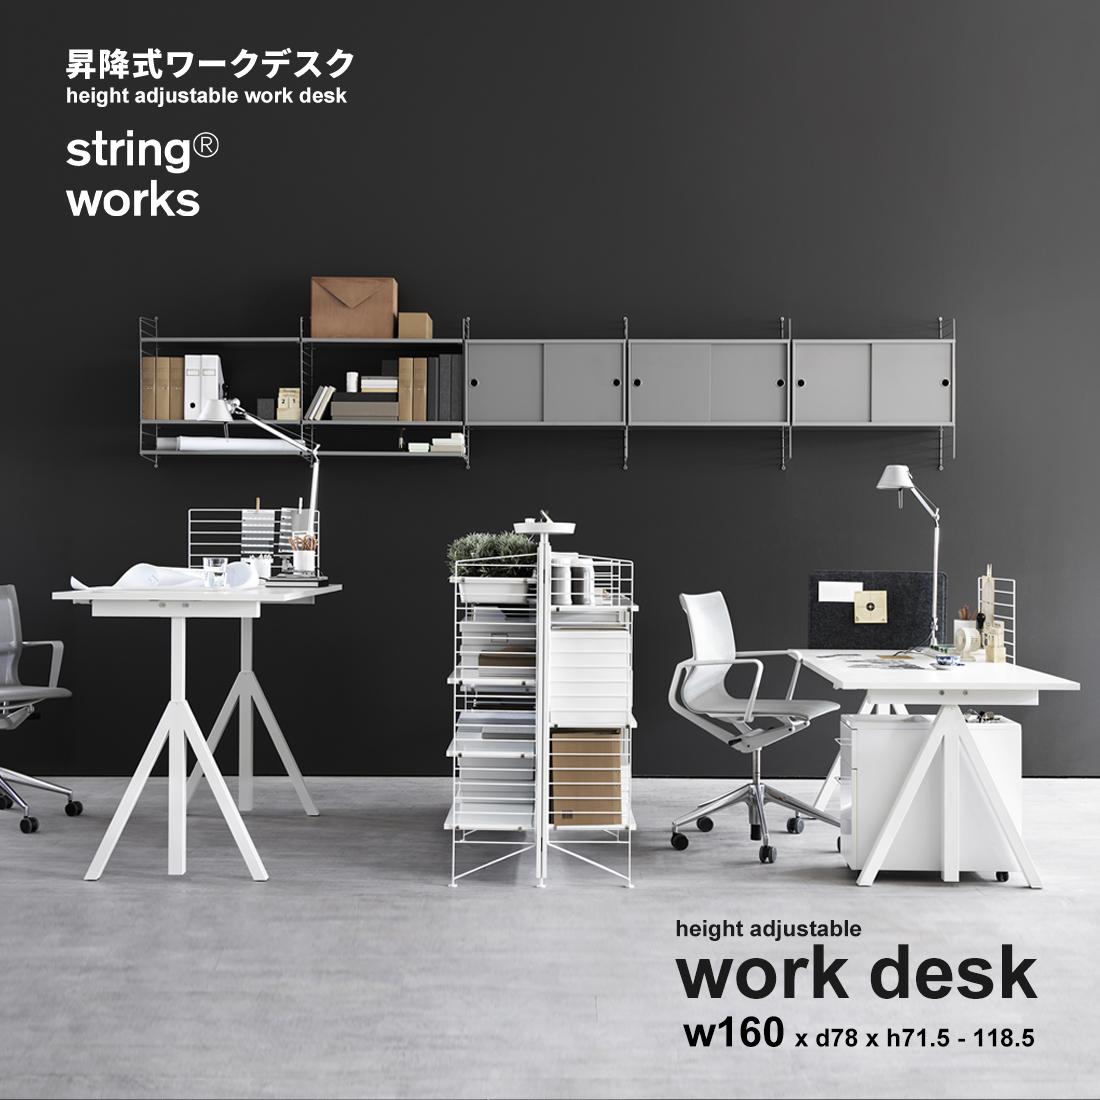 【string ストリング】string works desk ストリング ワークス 昇降式デスク W160cm机 テーブル 作業台 折りたたみ式 折り畳みテーブル ダイニングテーブル